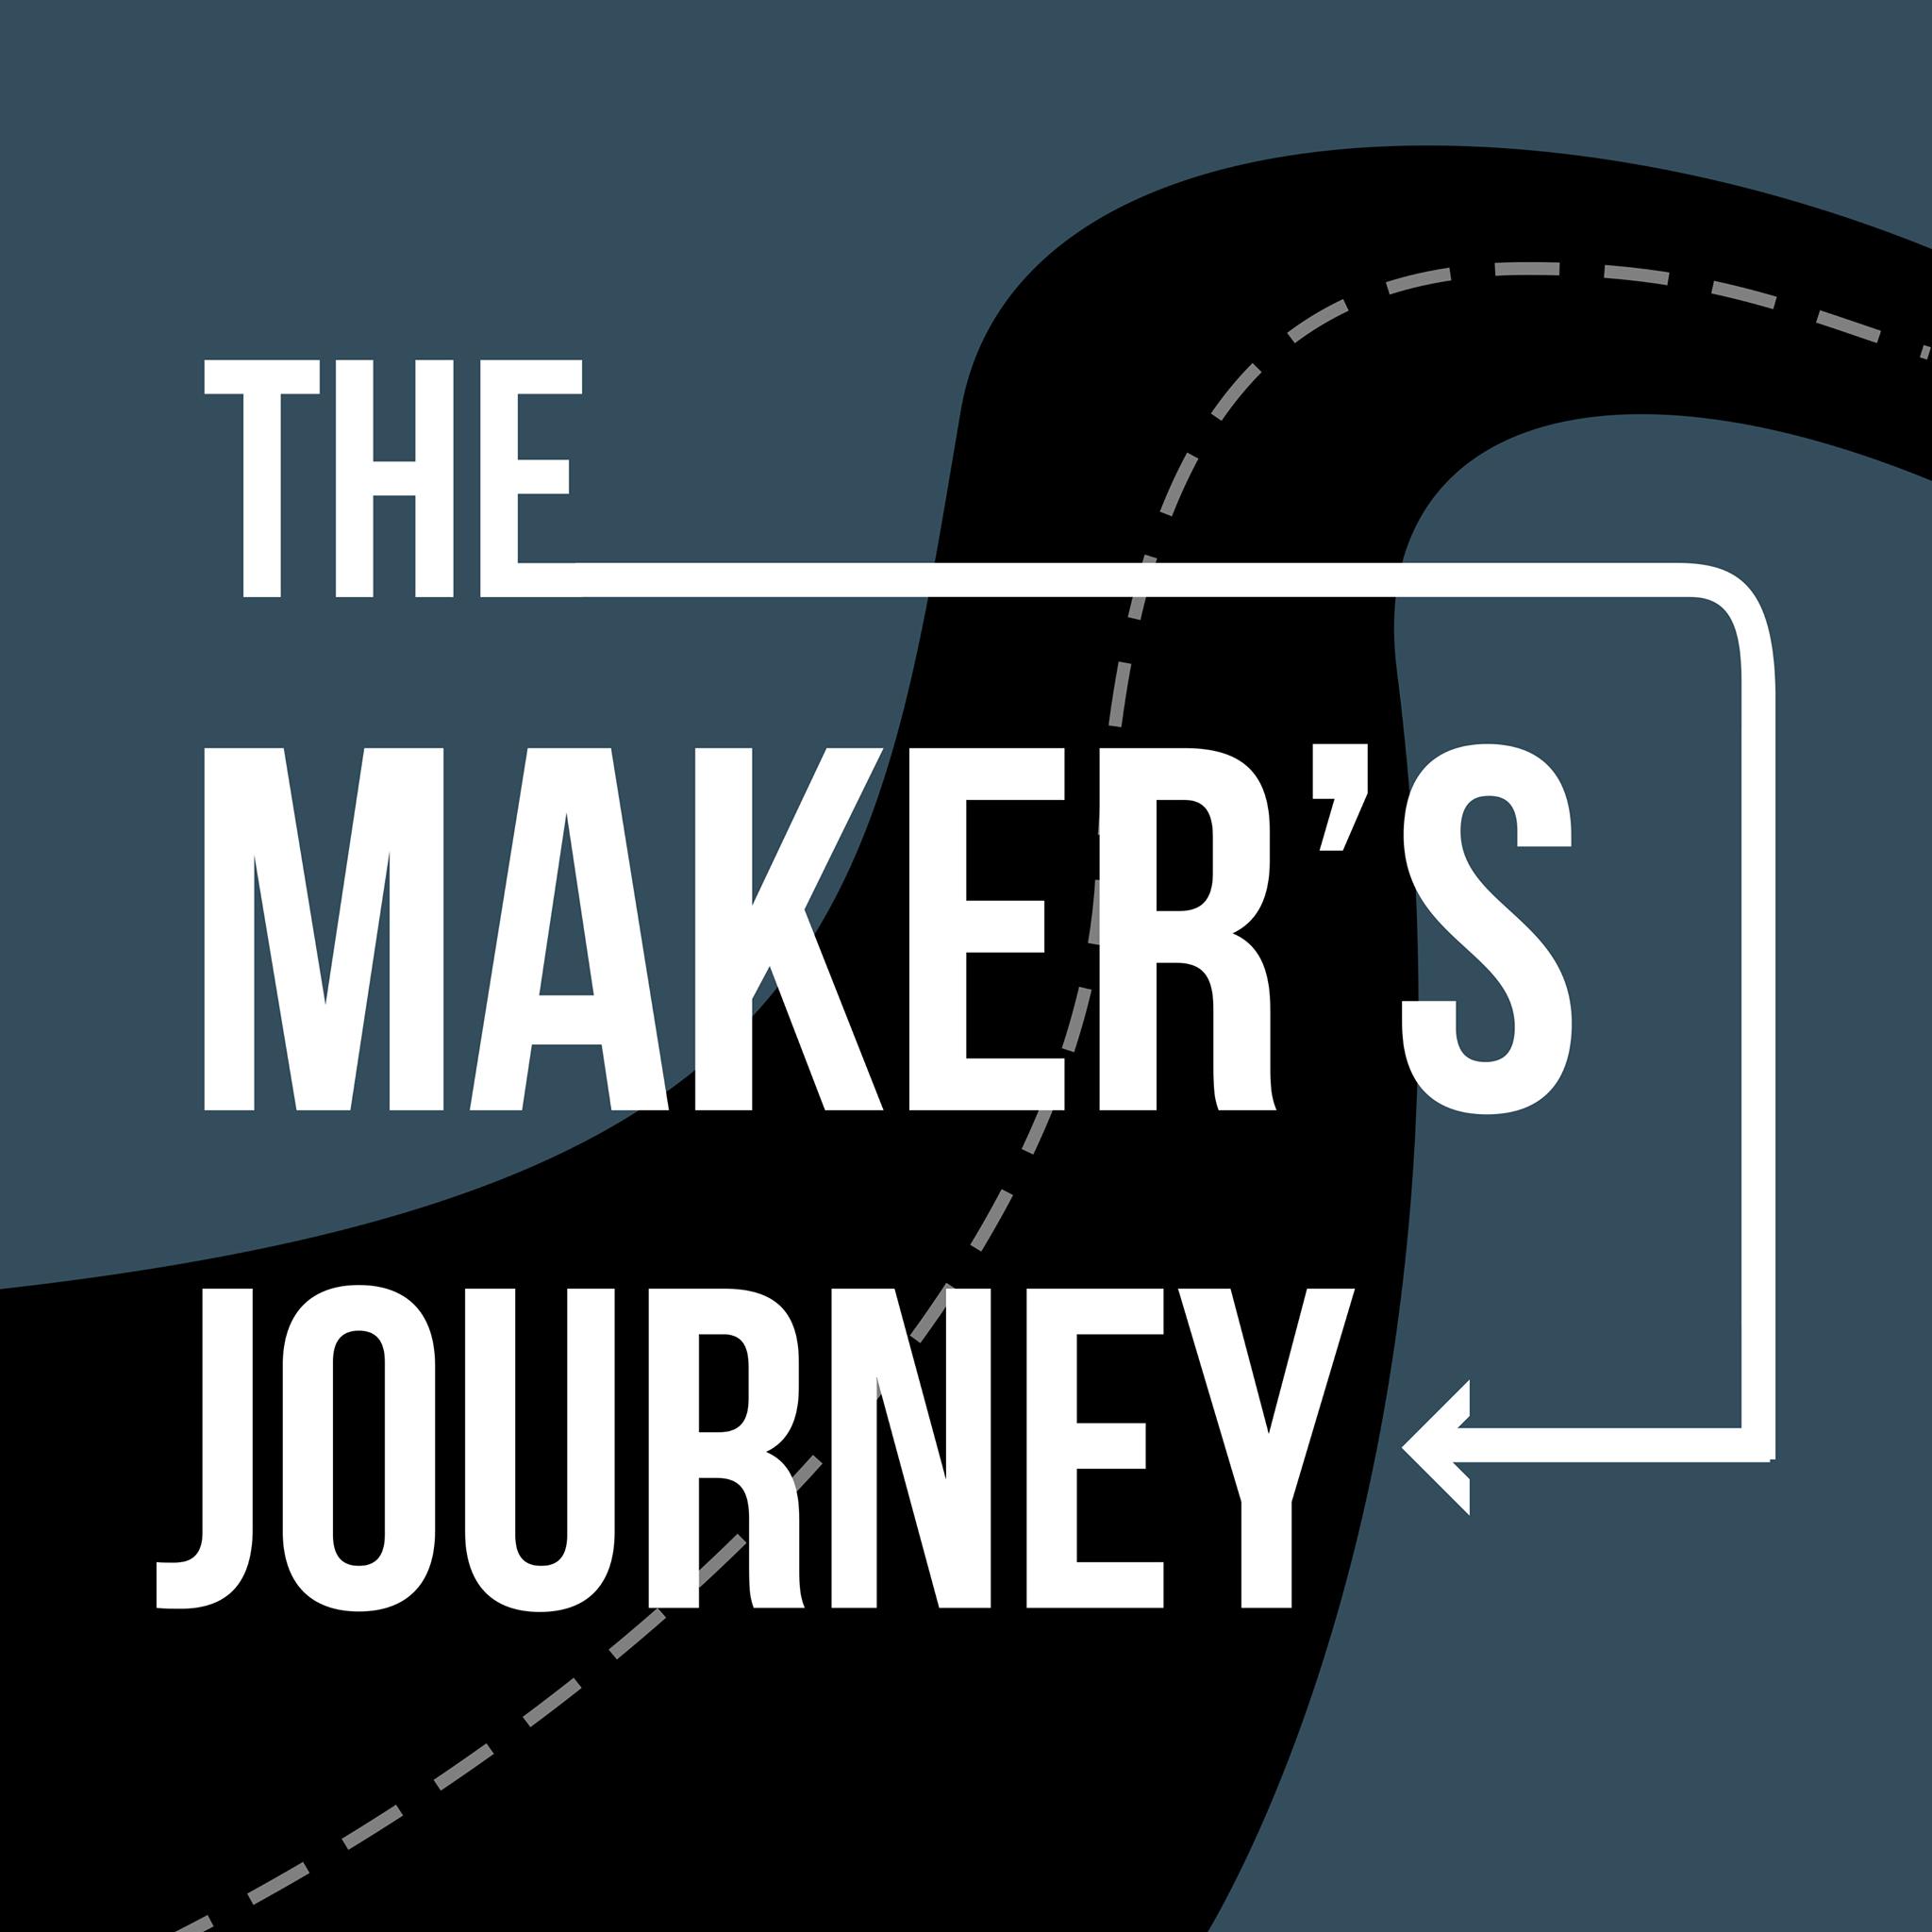 MakersJourney